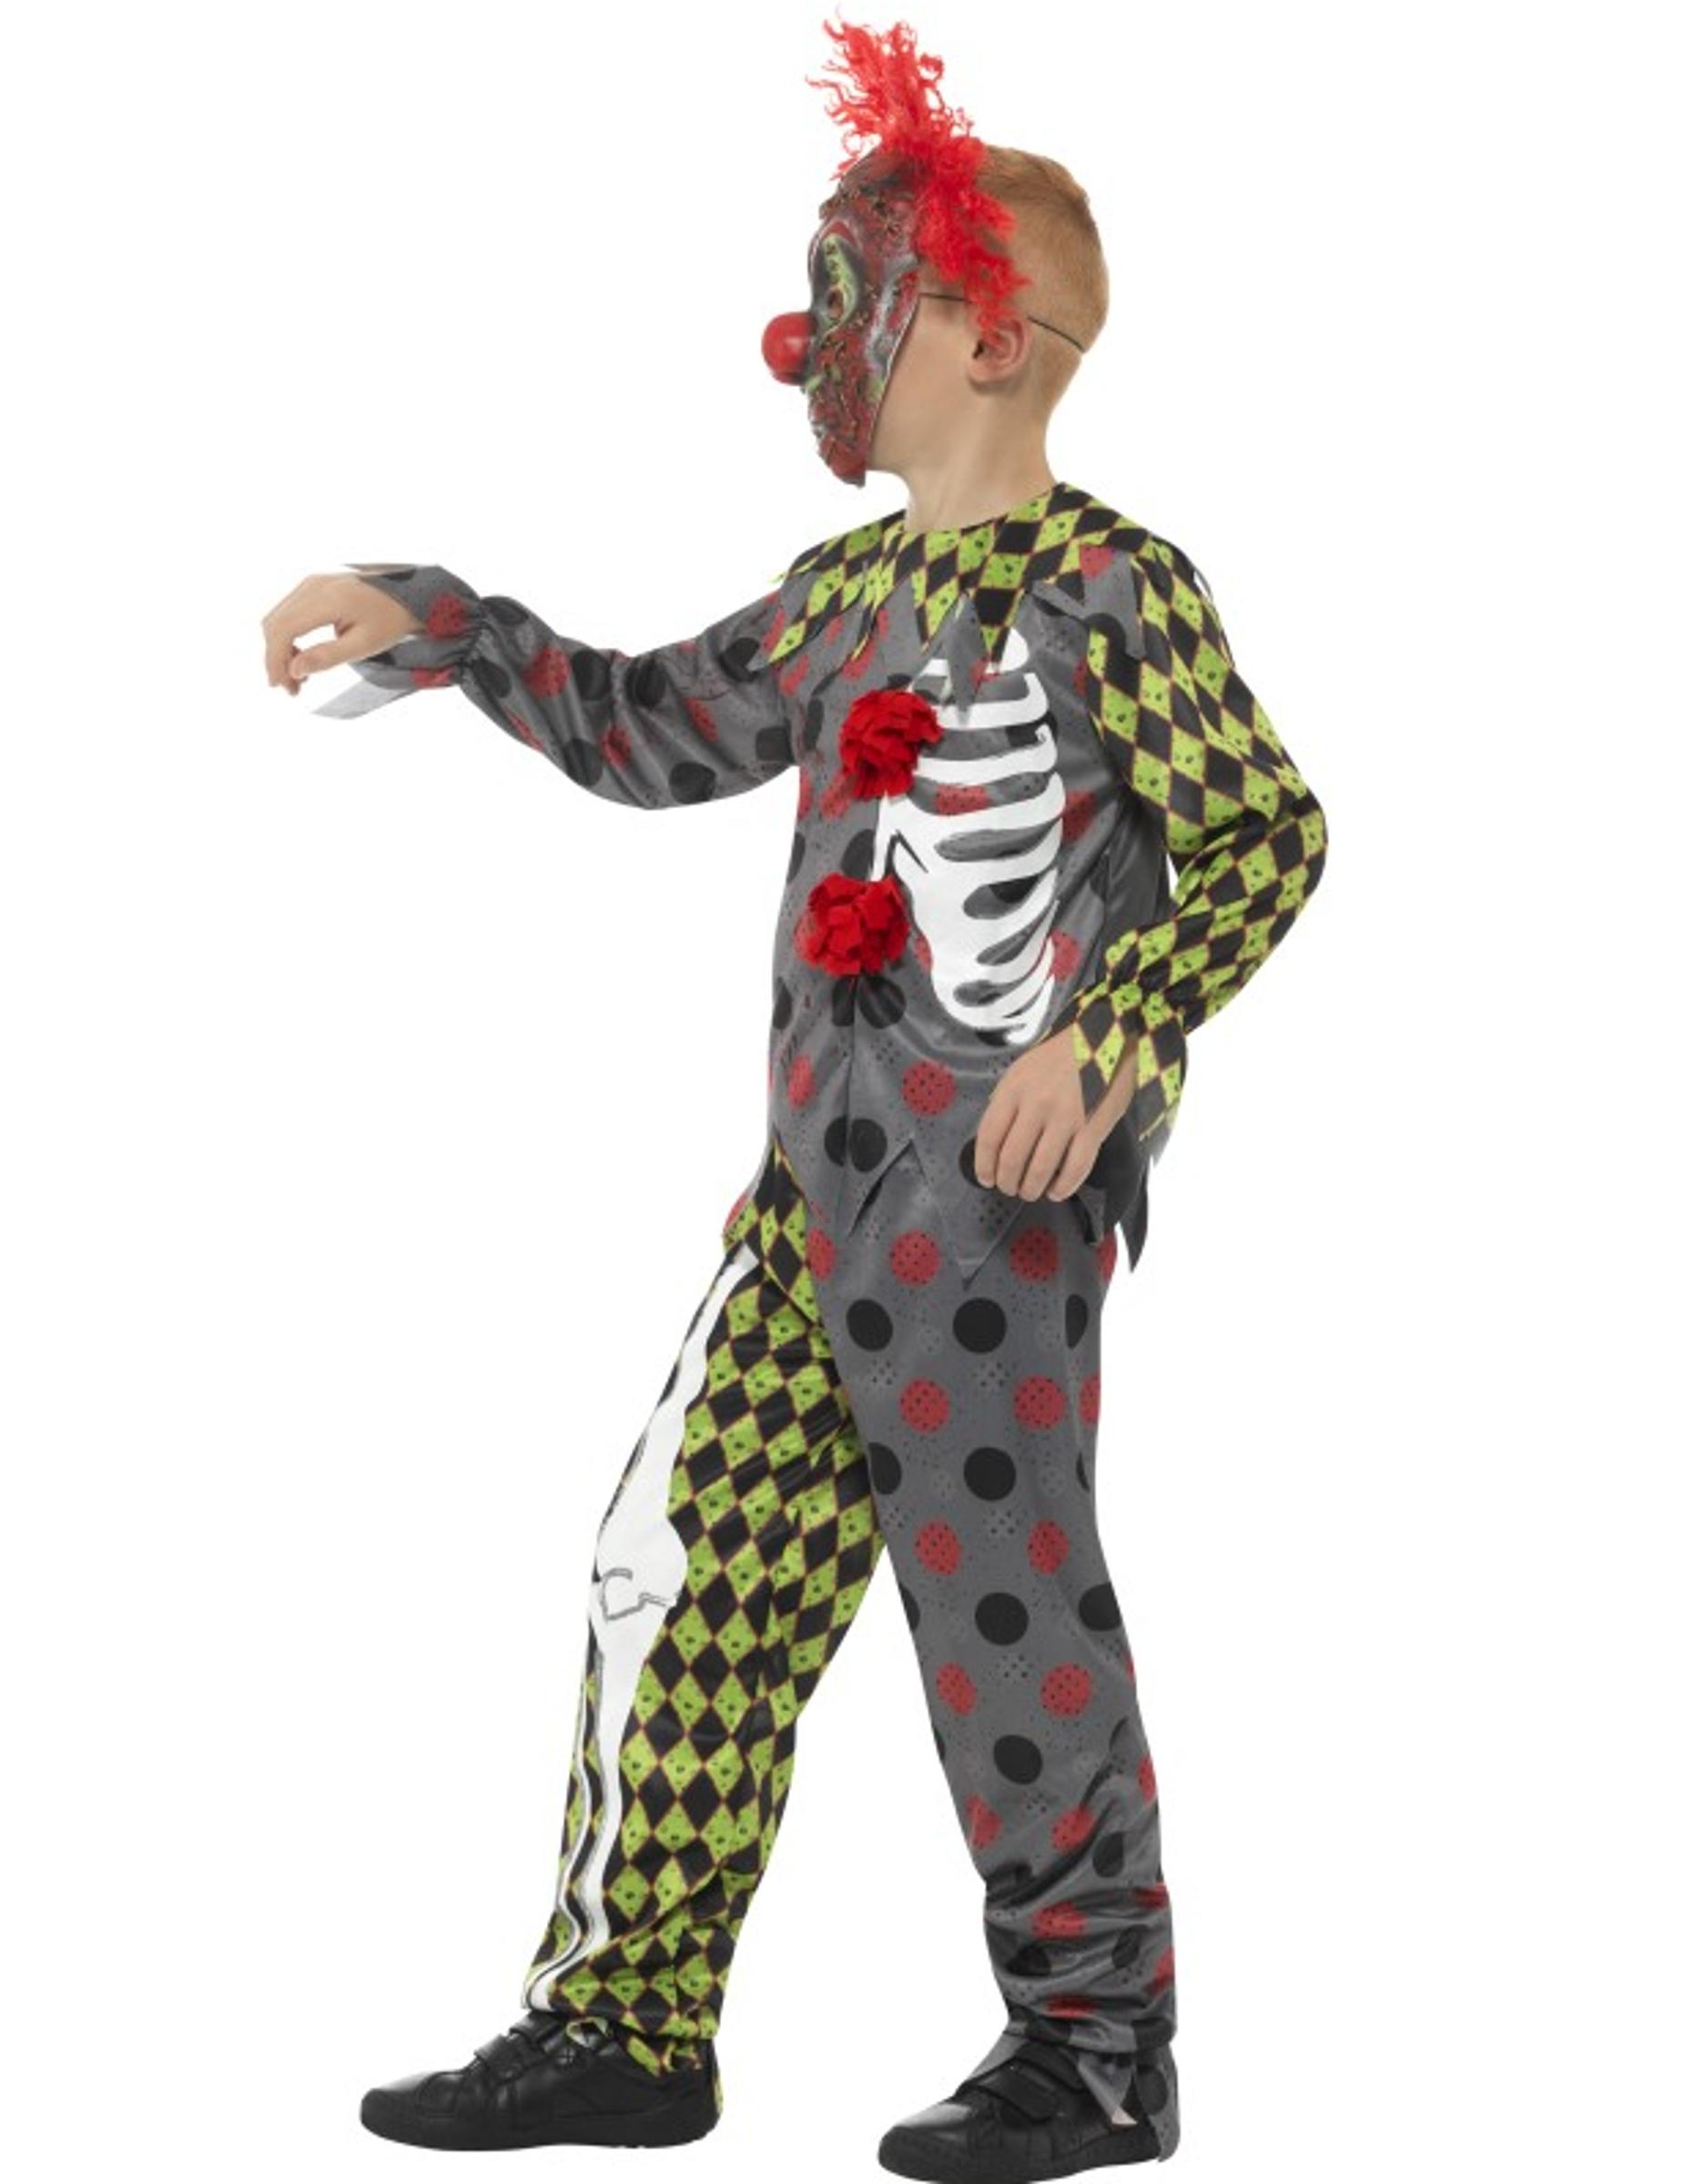 d guisement squelette clown fou enfant halloween deguise toi achat de d guisements enfants. Black Bedroom Furniture Sets. Home Design Ideas